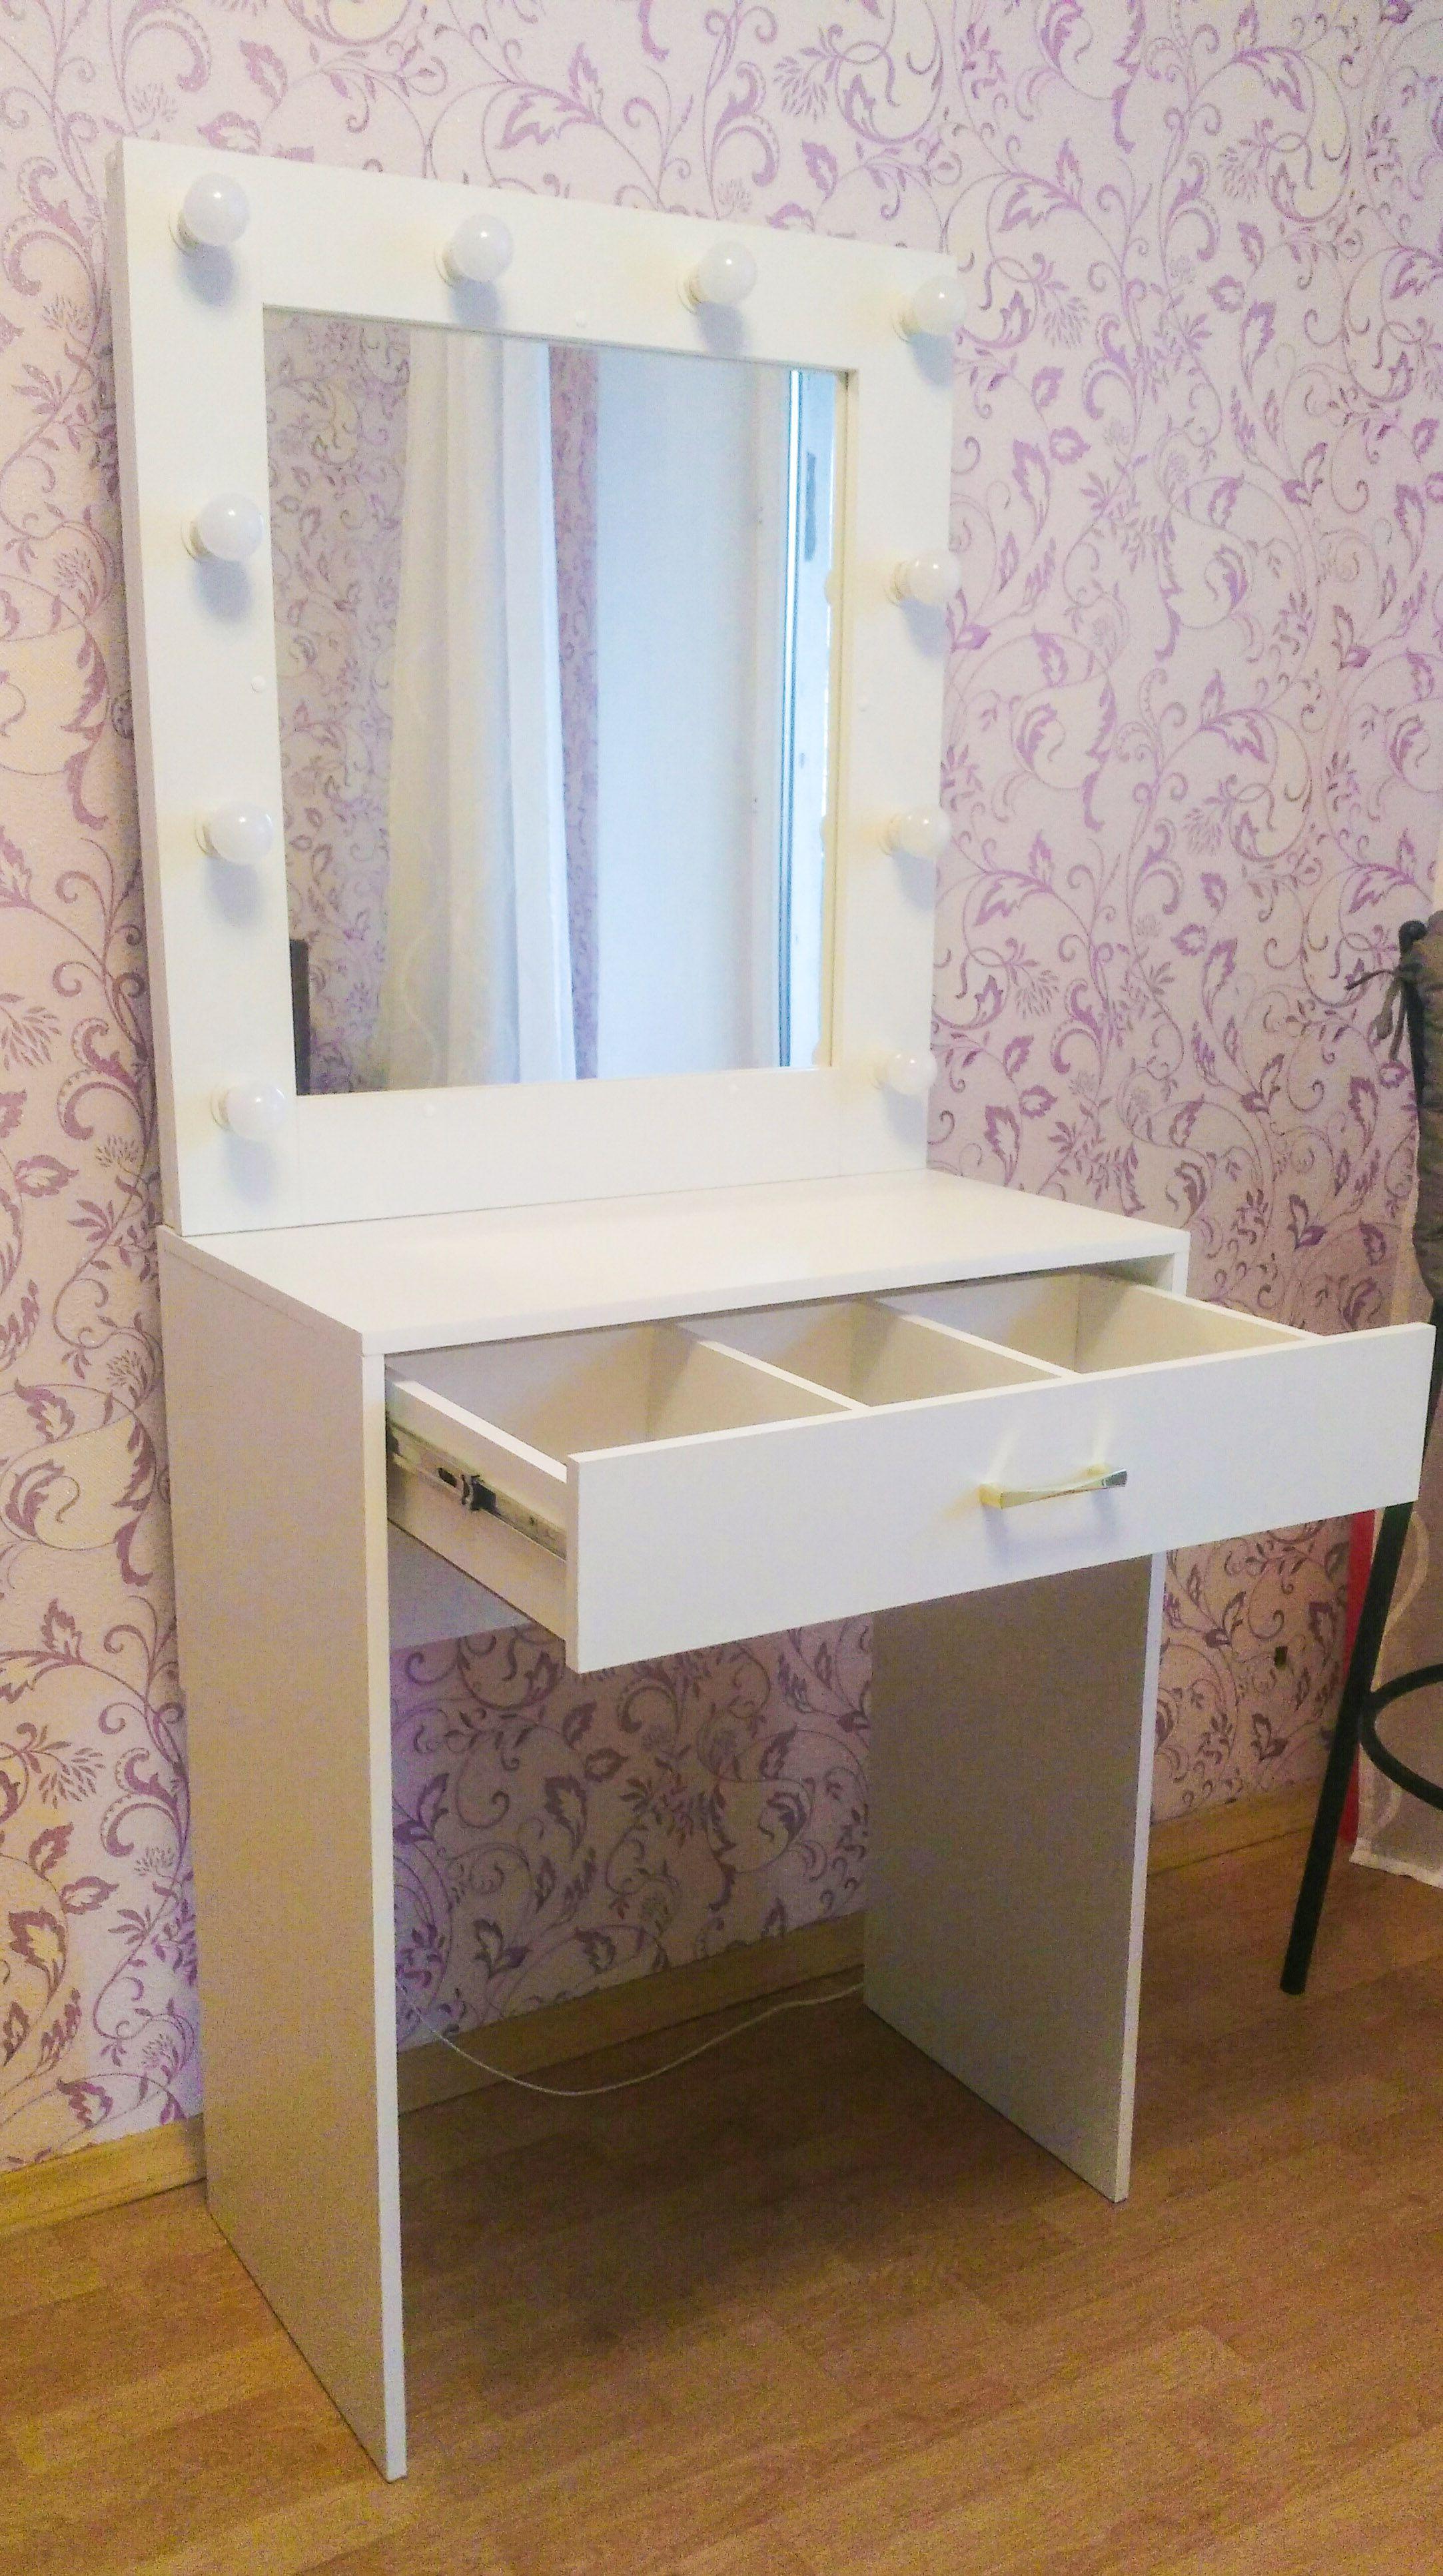 гримерныйстол туалетныйстолик косметическийстолик гримерныйстолик стол